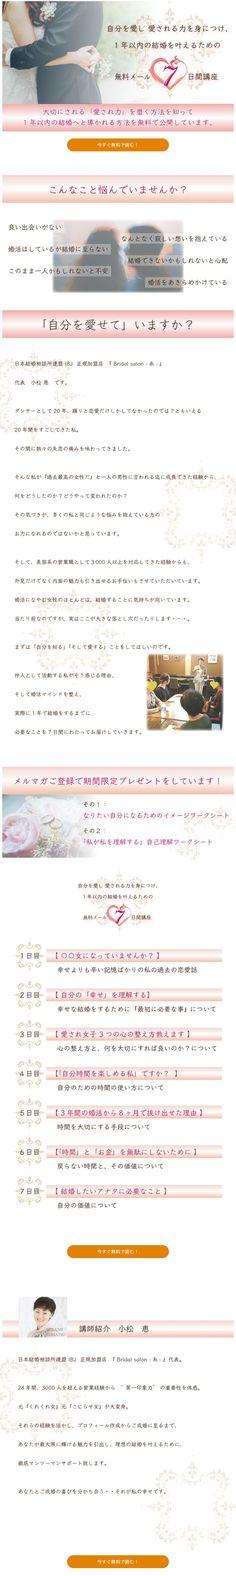 婚活カウンセラー 小松恵様のメルマガランディングページを制作させていただきました。 It Works, Nailed It